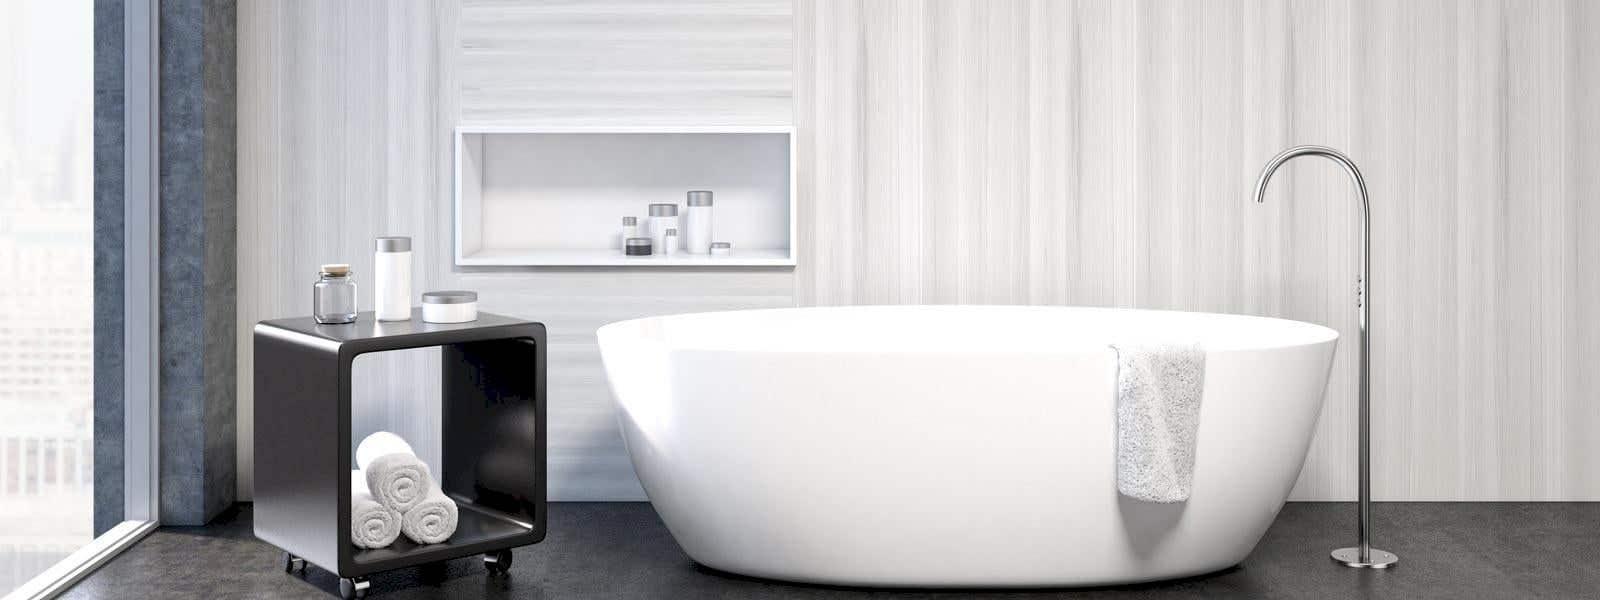 Nische im Bad